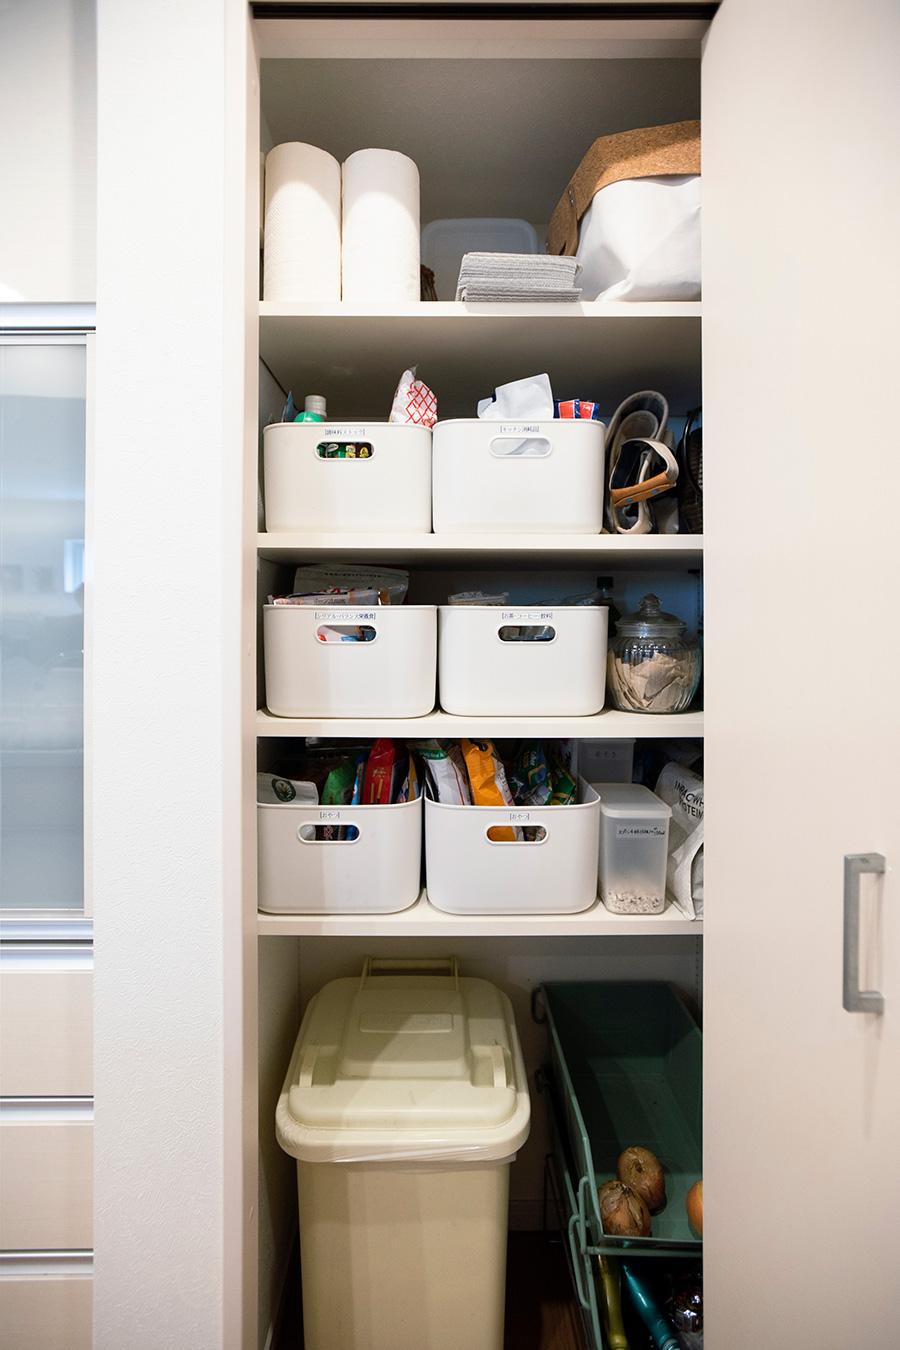 食器棚の横にあるパントリー。調味料やお茶などを、無印良品の収納ケースに。高さがあって使いやすいそう。